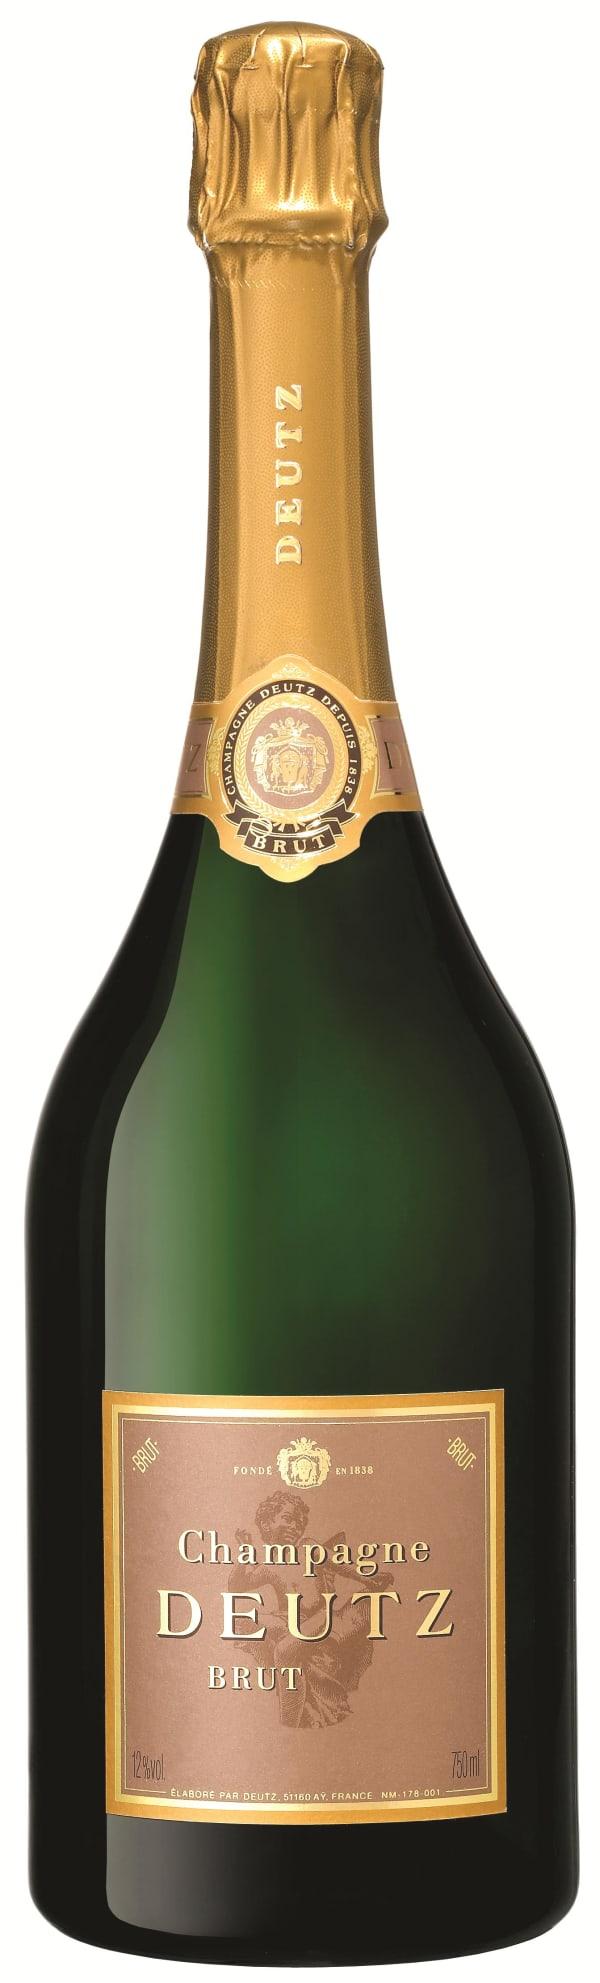 Deutz Champagne Brut 2012